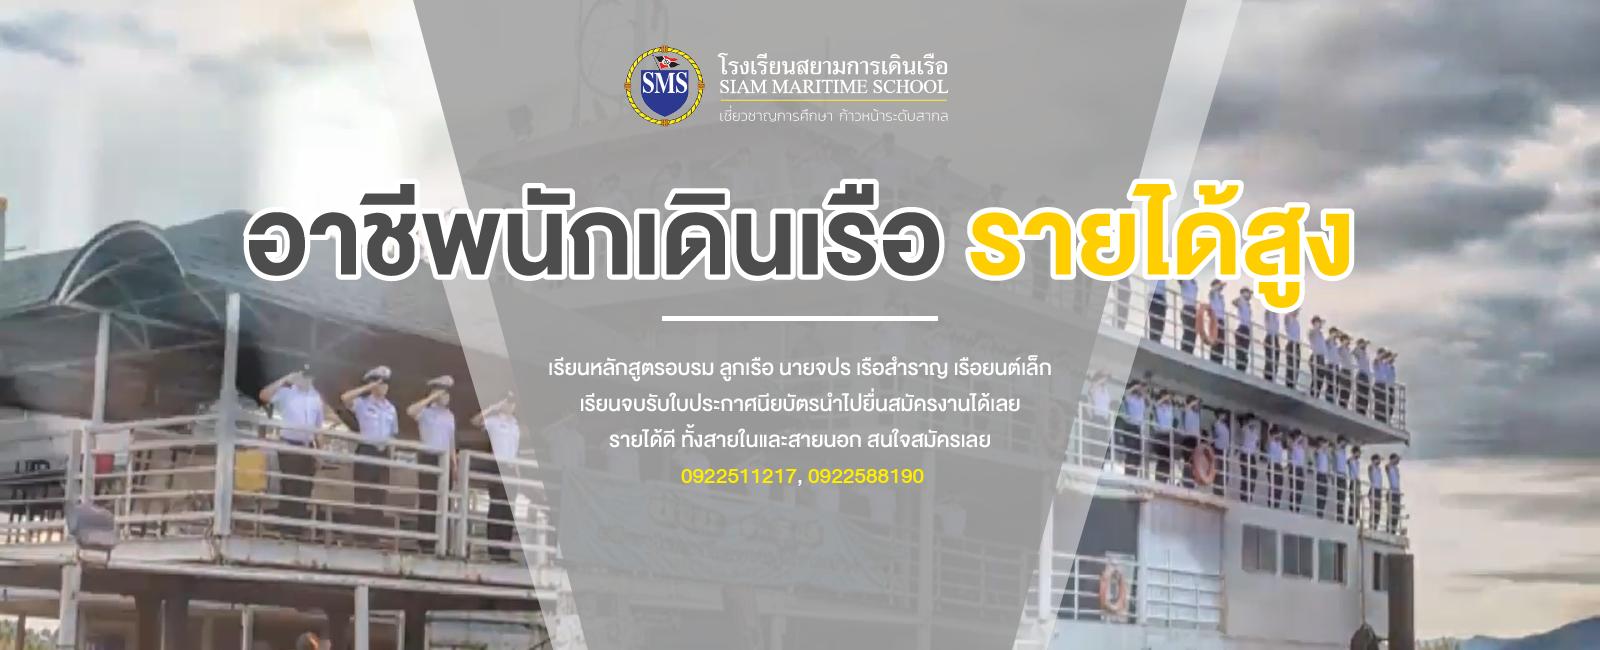 โรงเรียนสยามการเดือนเรือ Banner อาชีพนักเดินเรือ พาณิชย์นาวี รายได้สูง-01